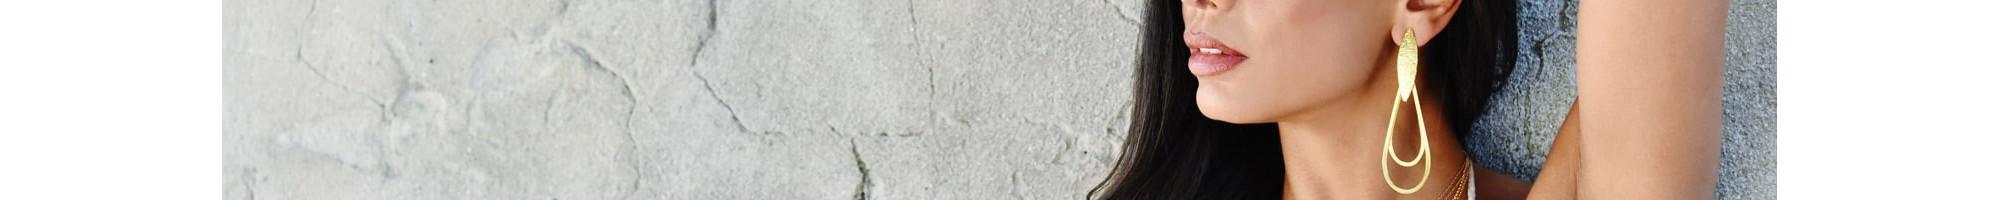 Σκουλαρίκια | Μοναδικά Σχέδια από 9,90€ | BIJOU BOX